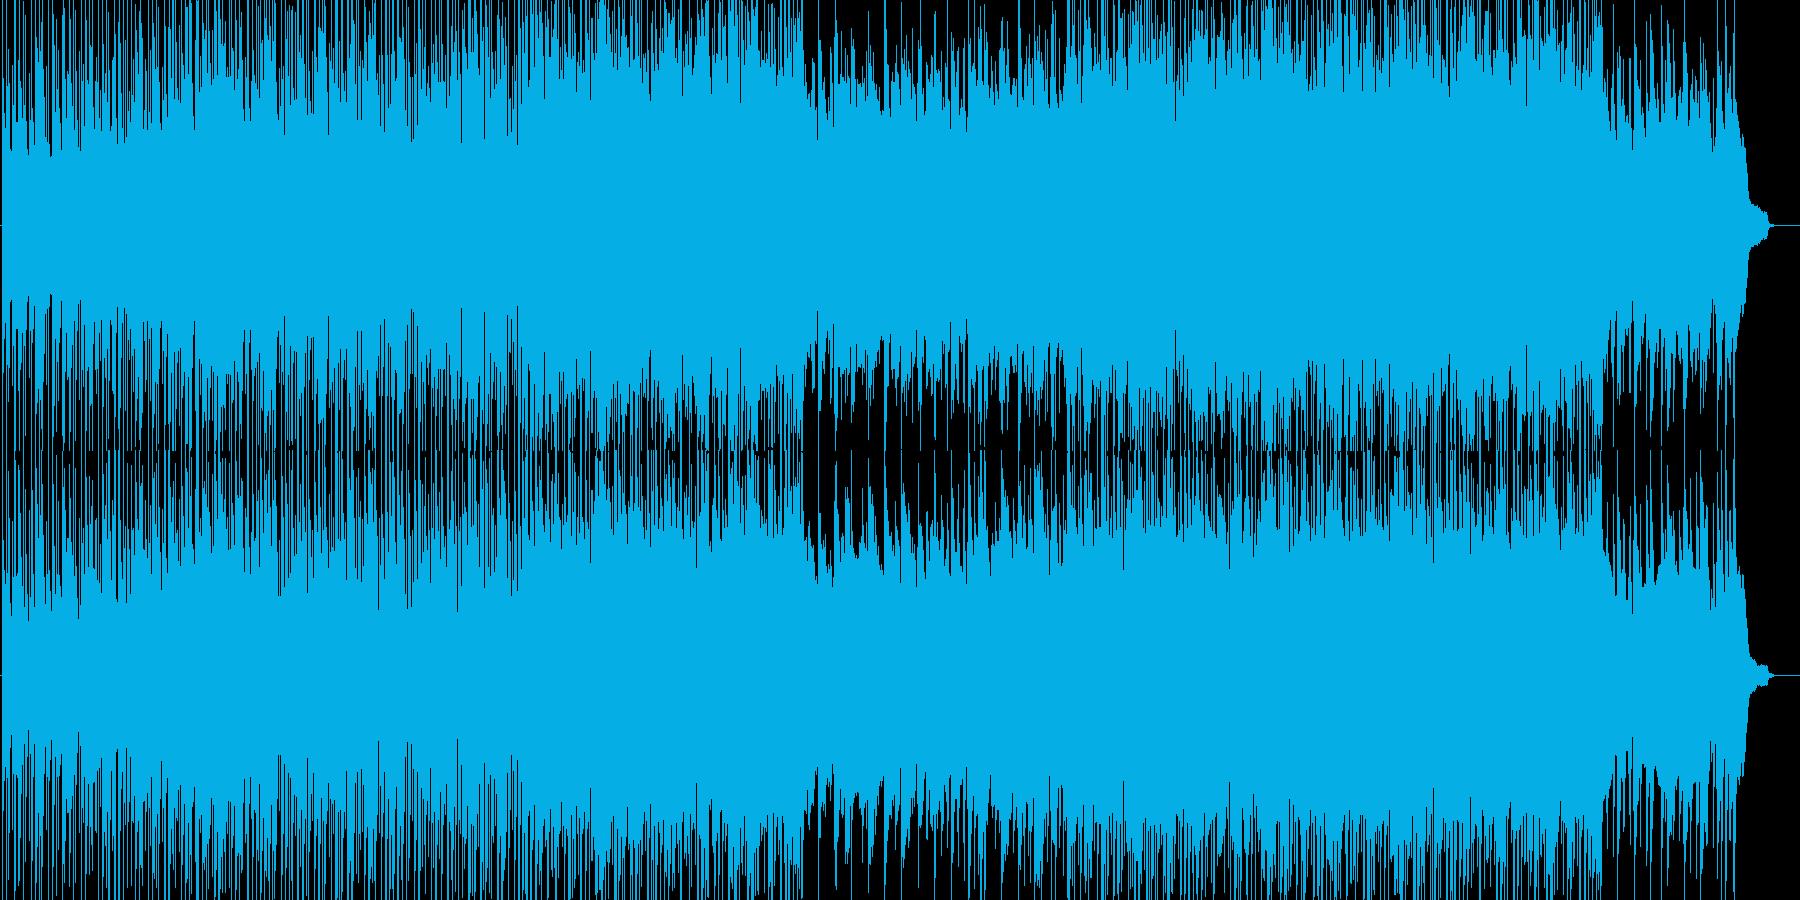 明るく活動的なイメージのBGMの再生済みの波形